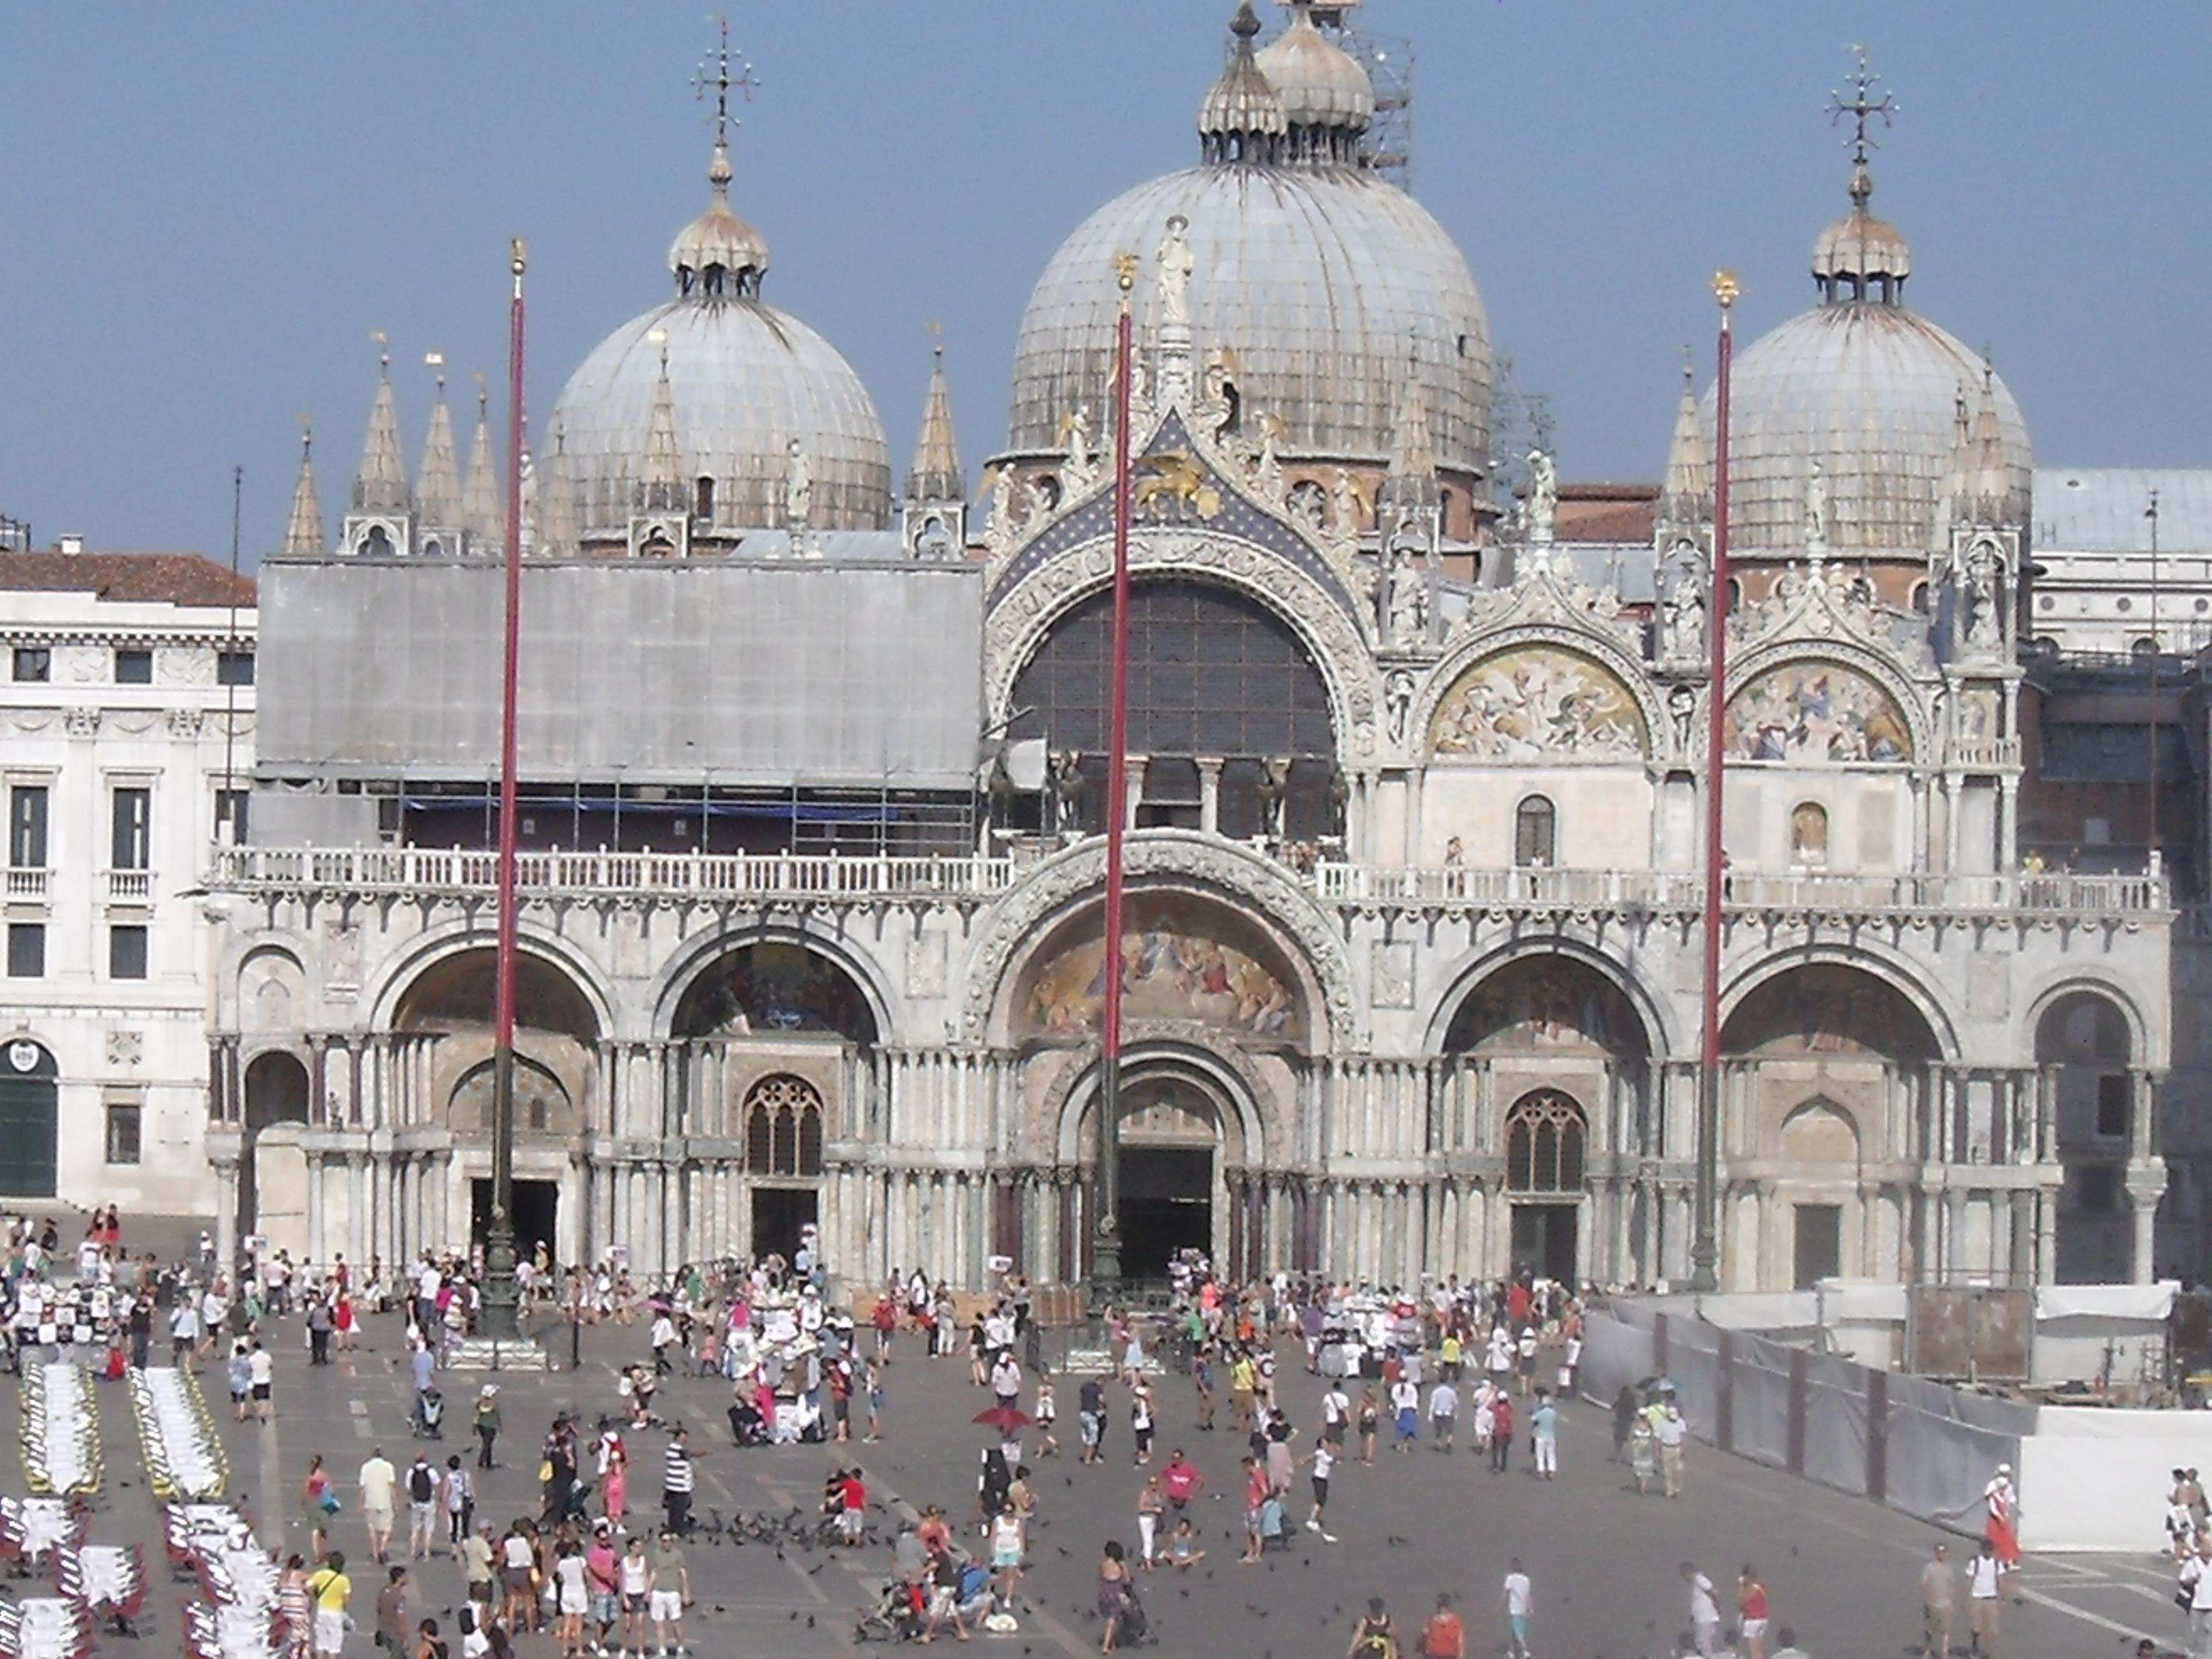 San marco in venice artrotter 39 s blog for Esterno basilica di san marco